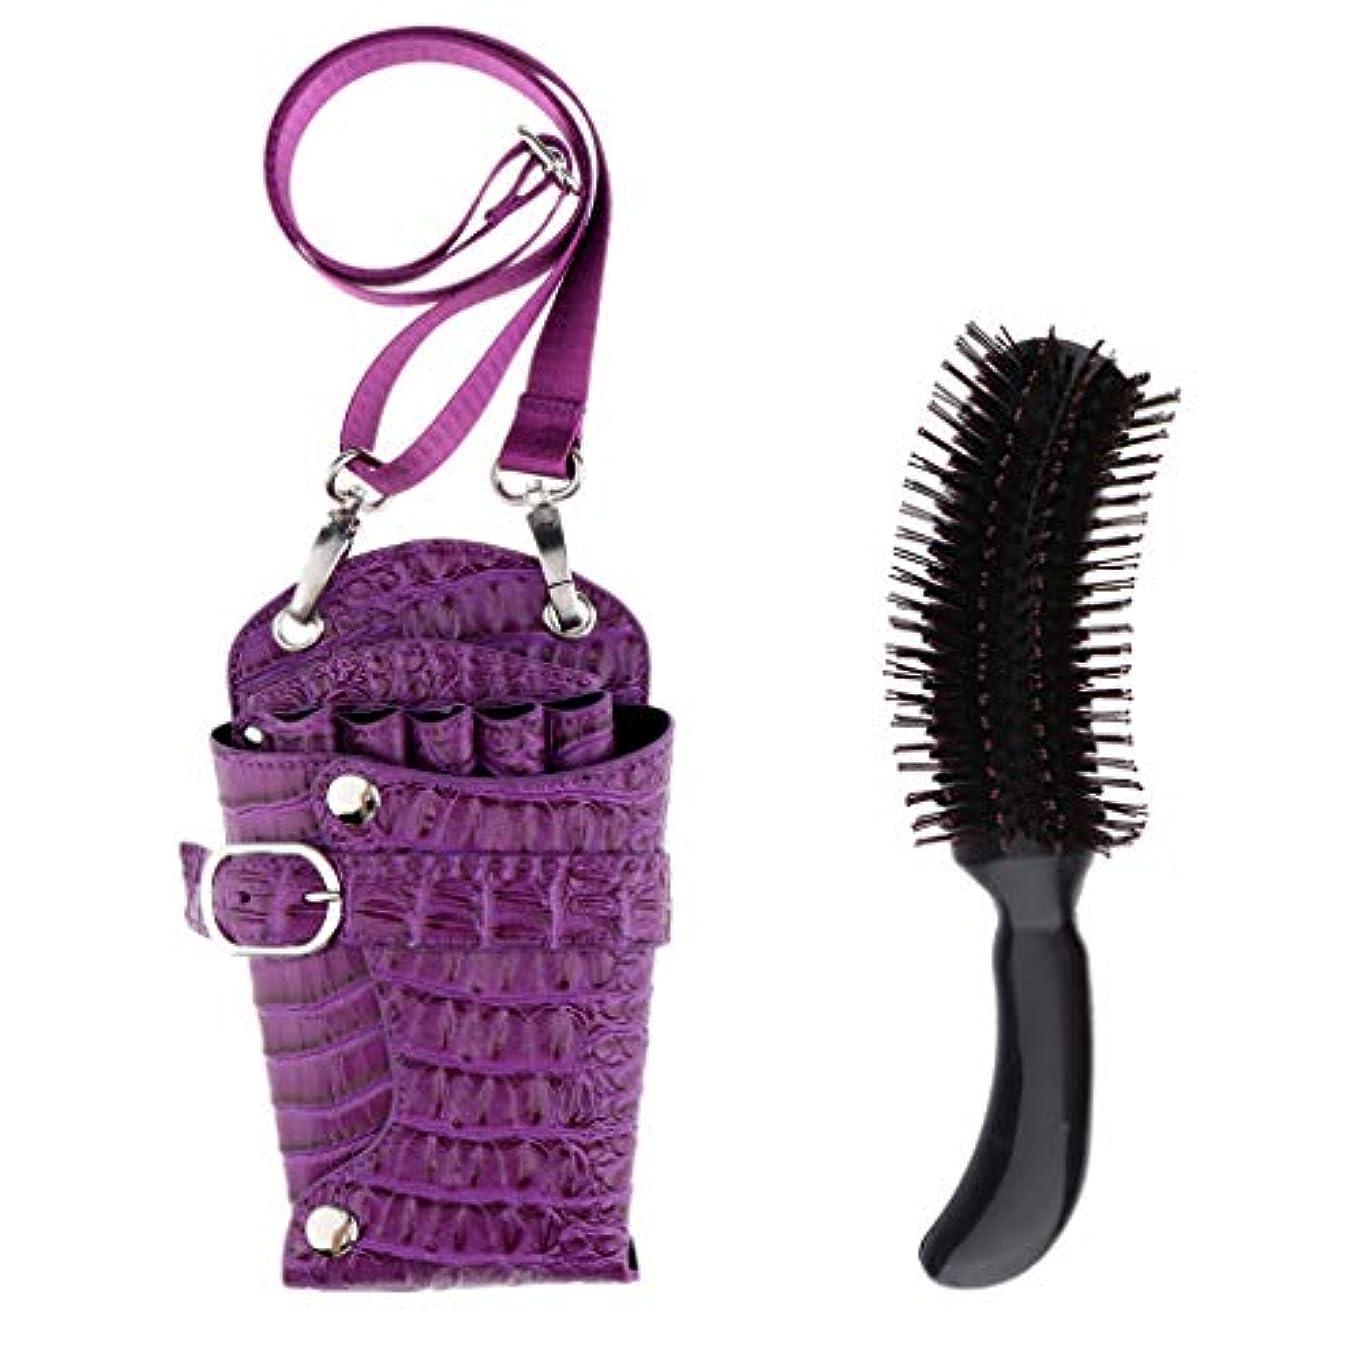 美容師突然CUTICATE デタングルスタイリングブロー乾燥ヘアブラシでPU長い理髪はさみヘアカットツールポーチホルスター鋏コムケース